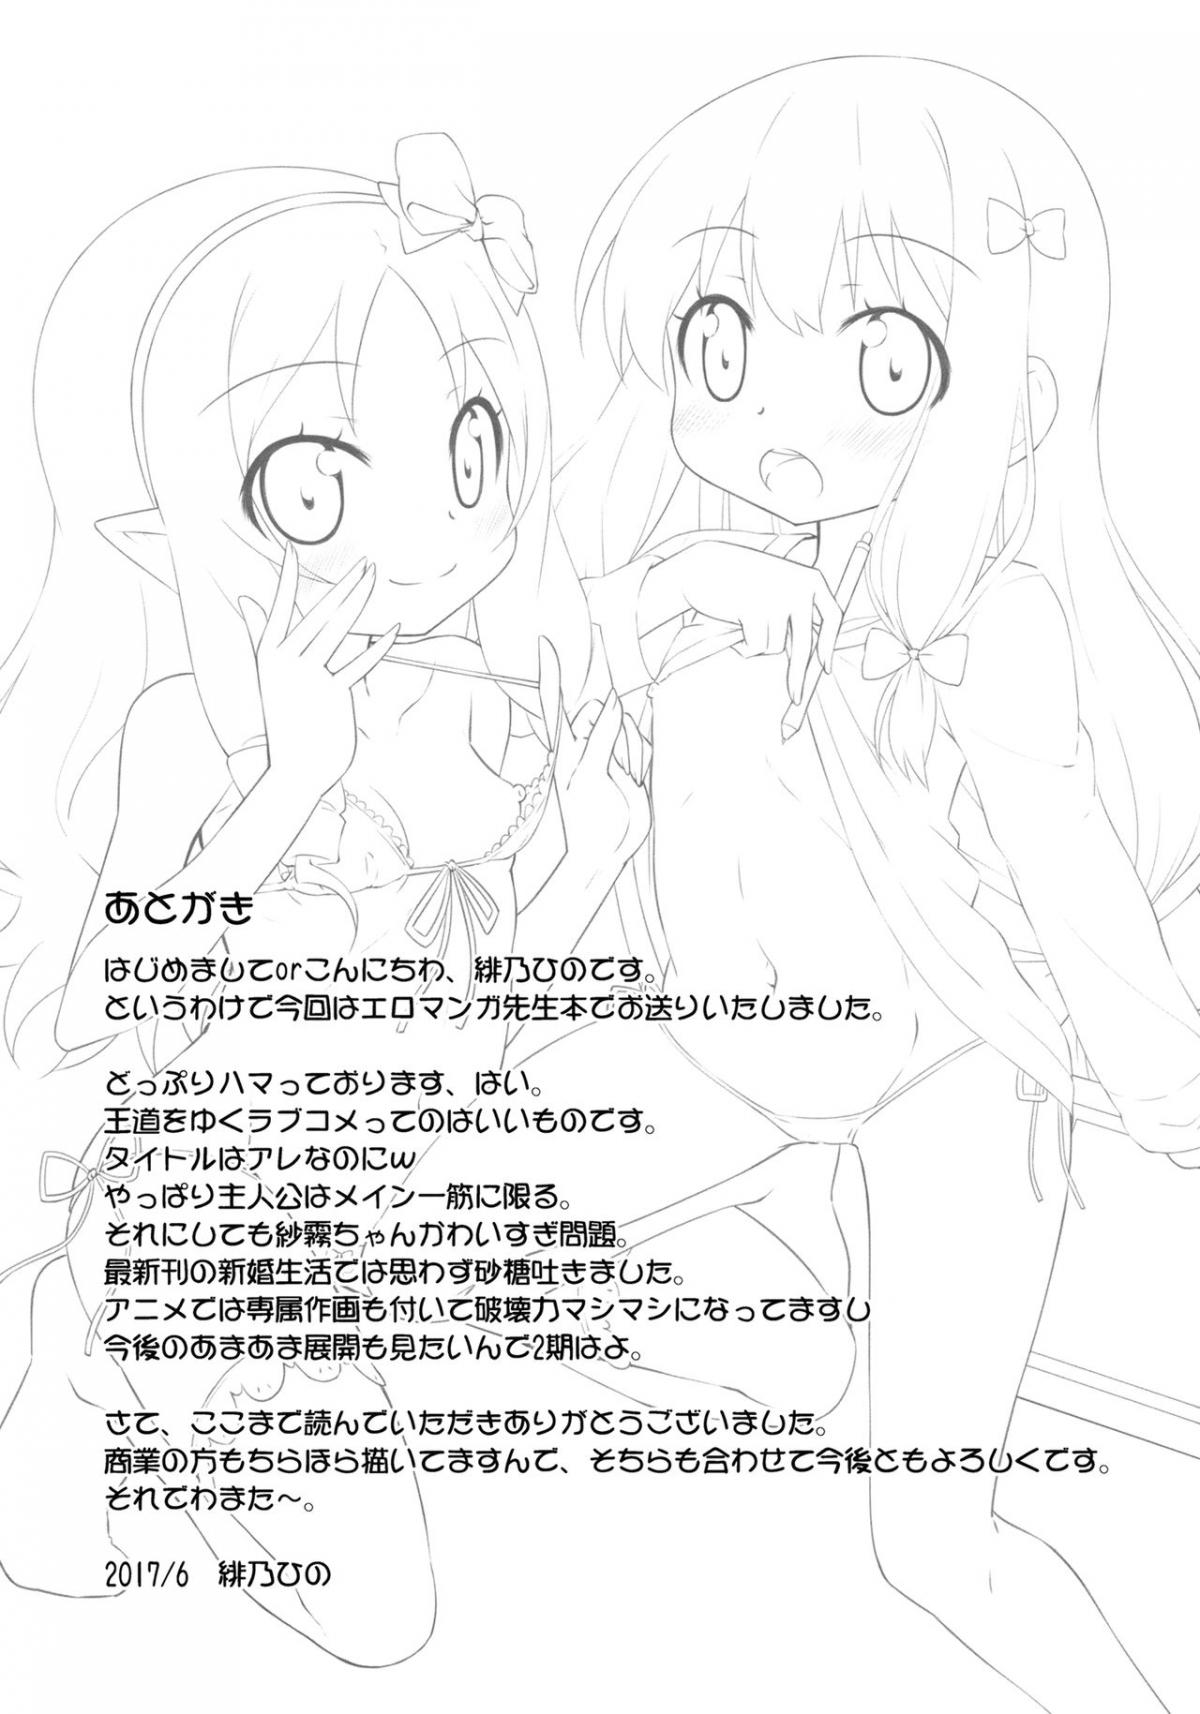 HentaiVN.net - Ảnh 25 - Imouto to Ero LigNov o Tsukurou (Eromanga-sensei) - Oneshot